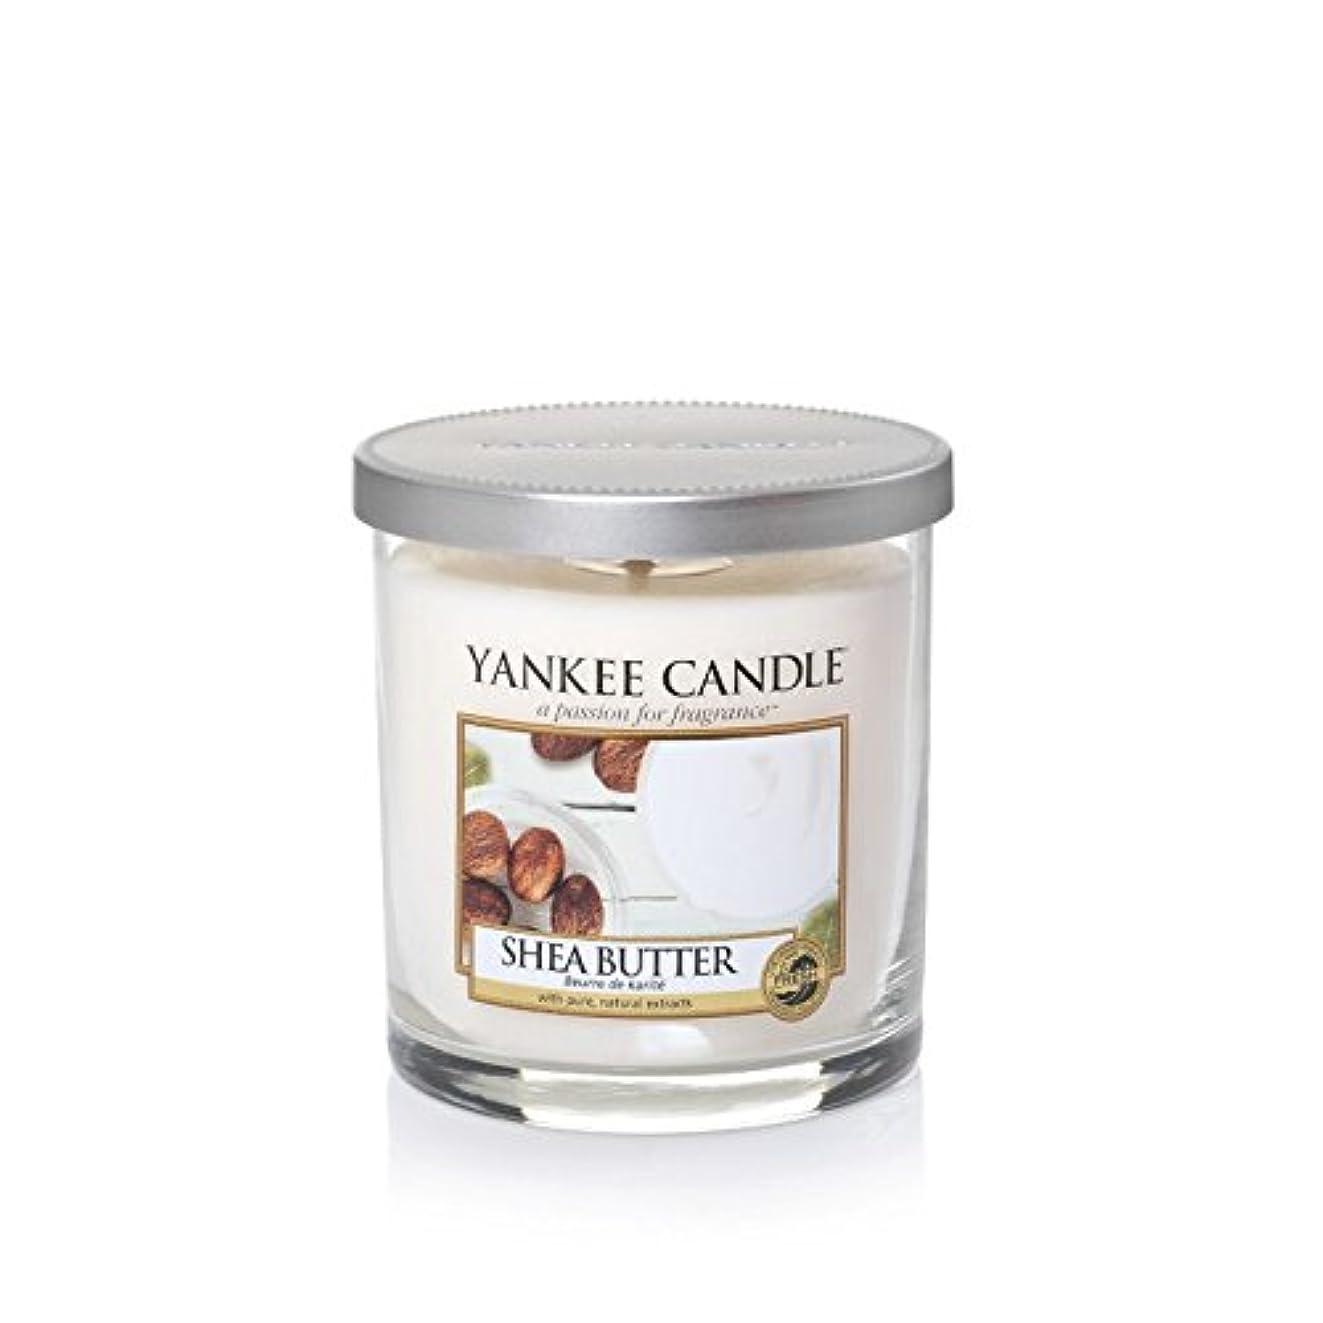 膨らみ尋ねる大使館Yankee Candles Small Pillar Candle - Shea Butter (Pack of 6) - ヤンキーキャンドルの小さな柱キャンドル - シアバター (x6) [並行輸入品]